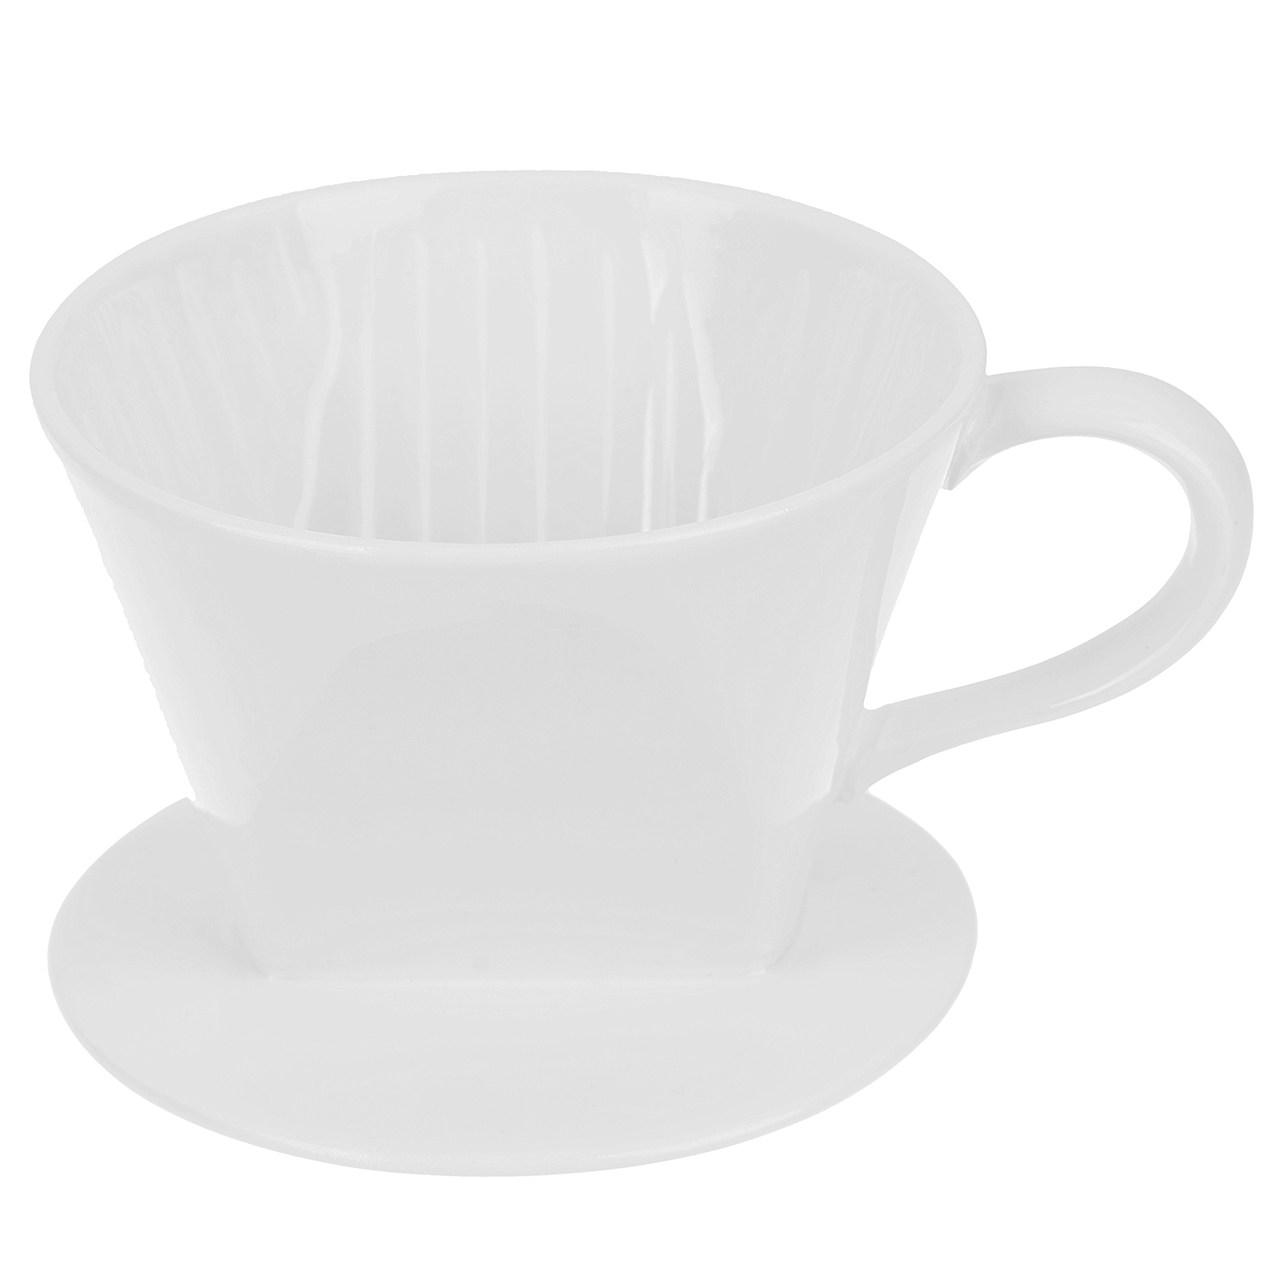 فیلتر قهوه دبلیو ام بارتلیت اند سانز مدل T262